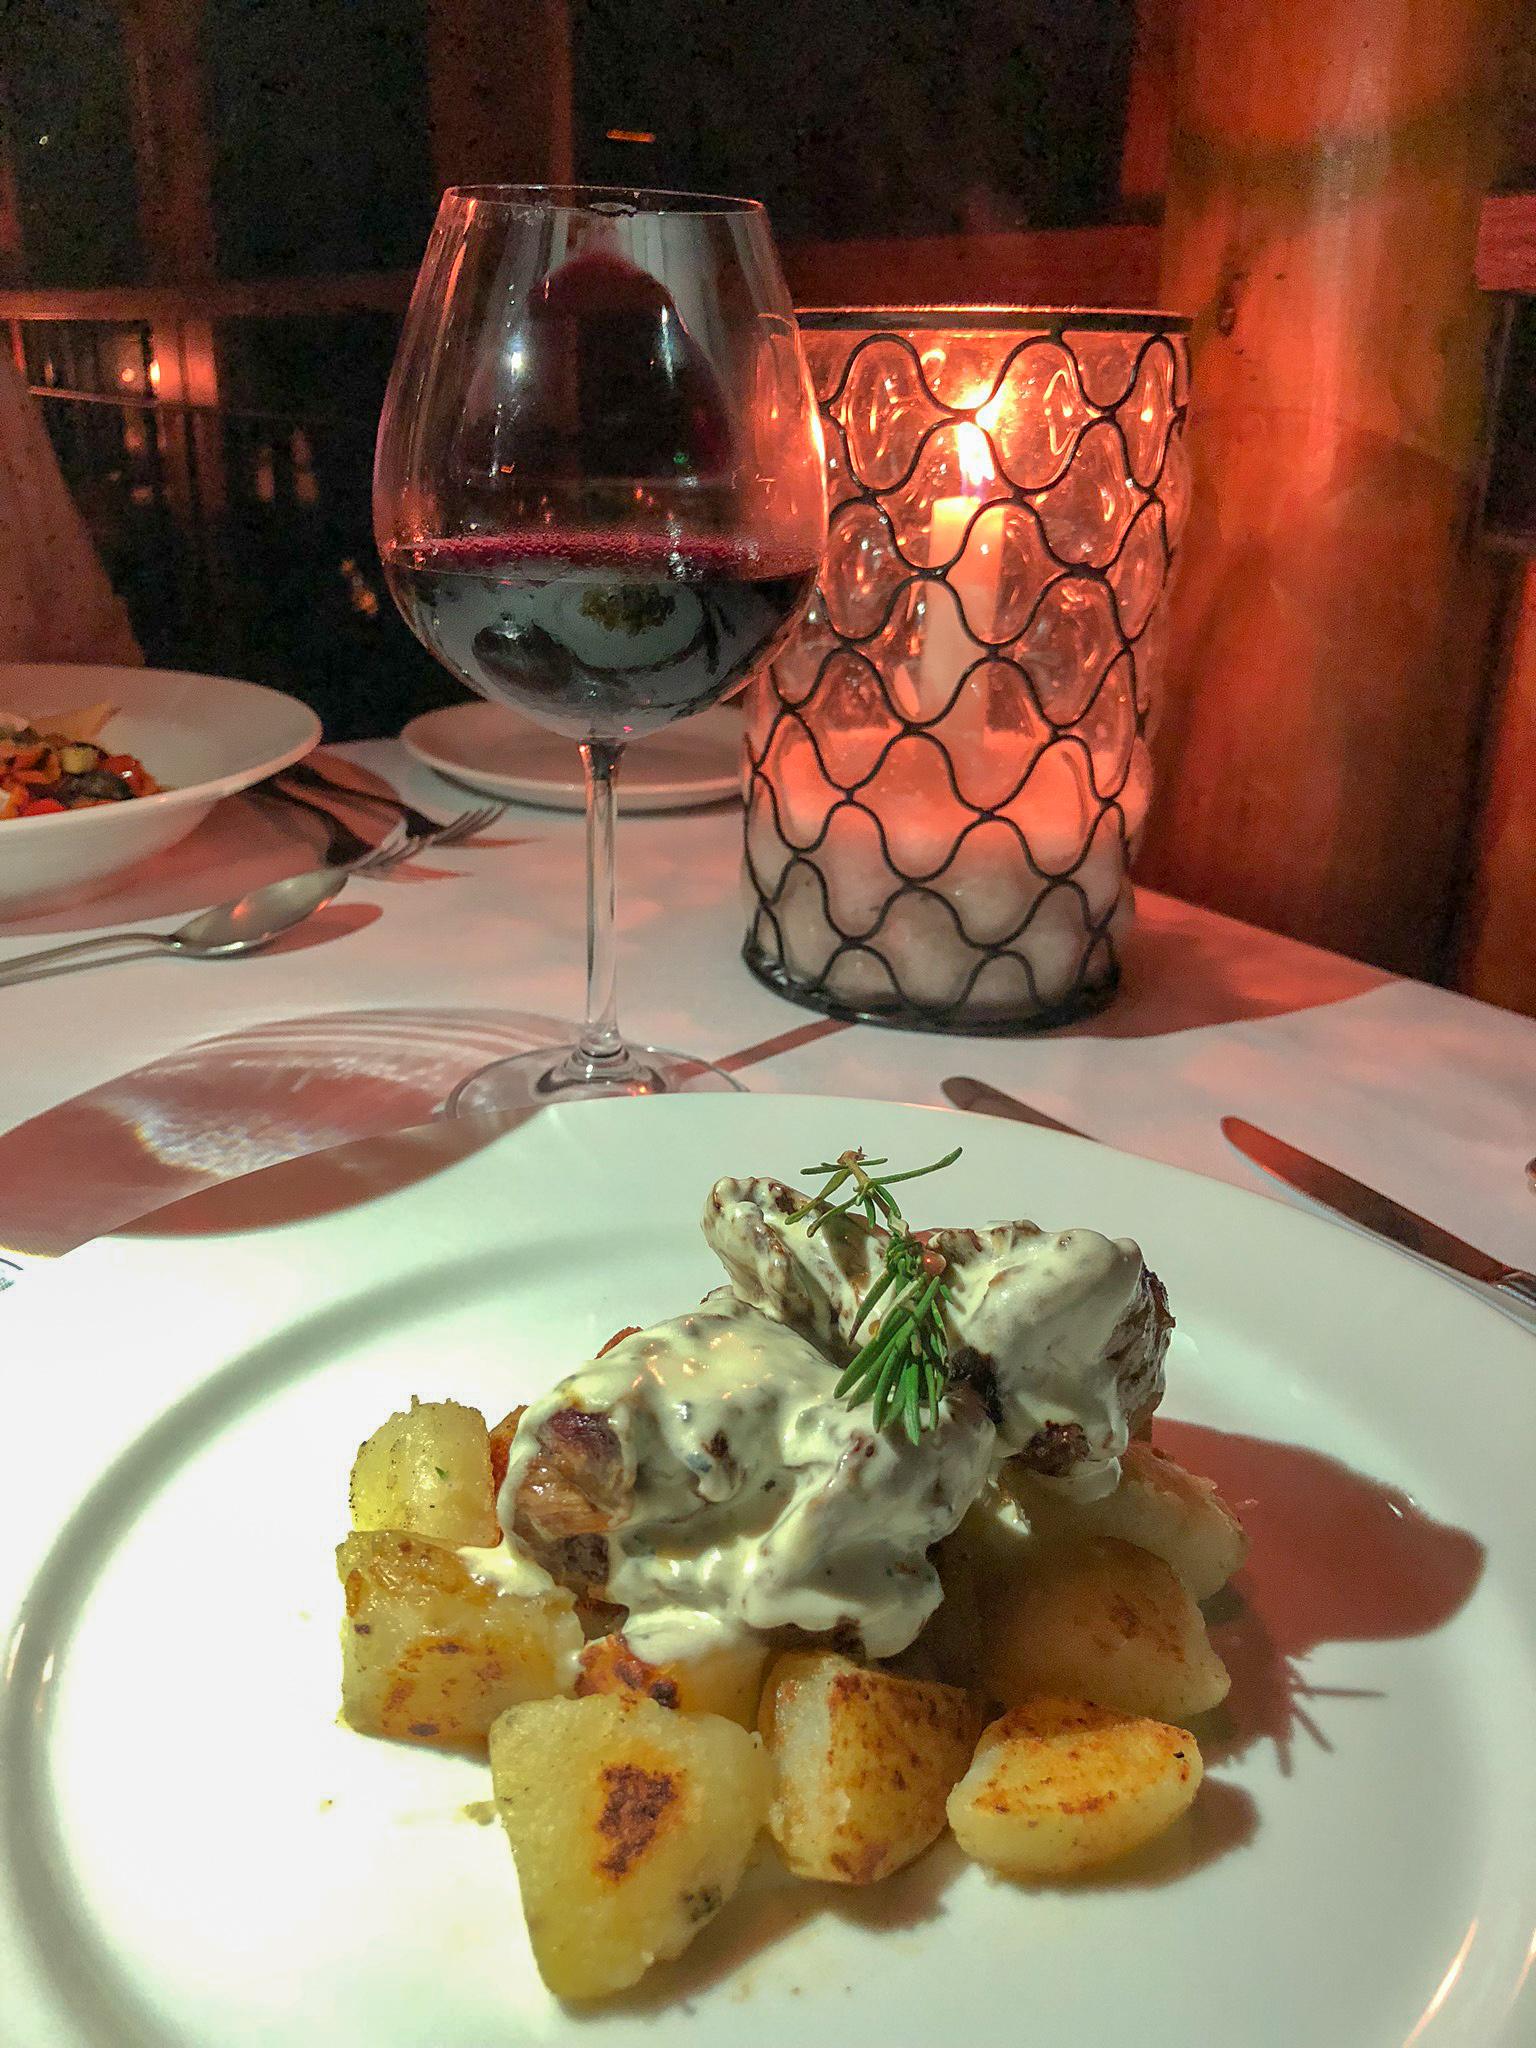 altto_restaurante_vila_deste